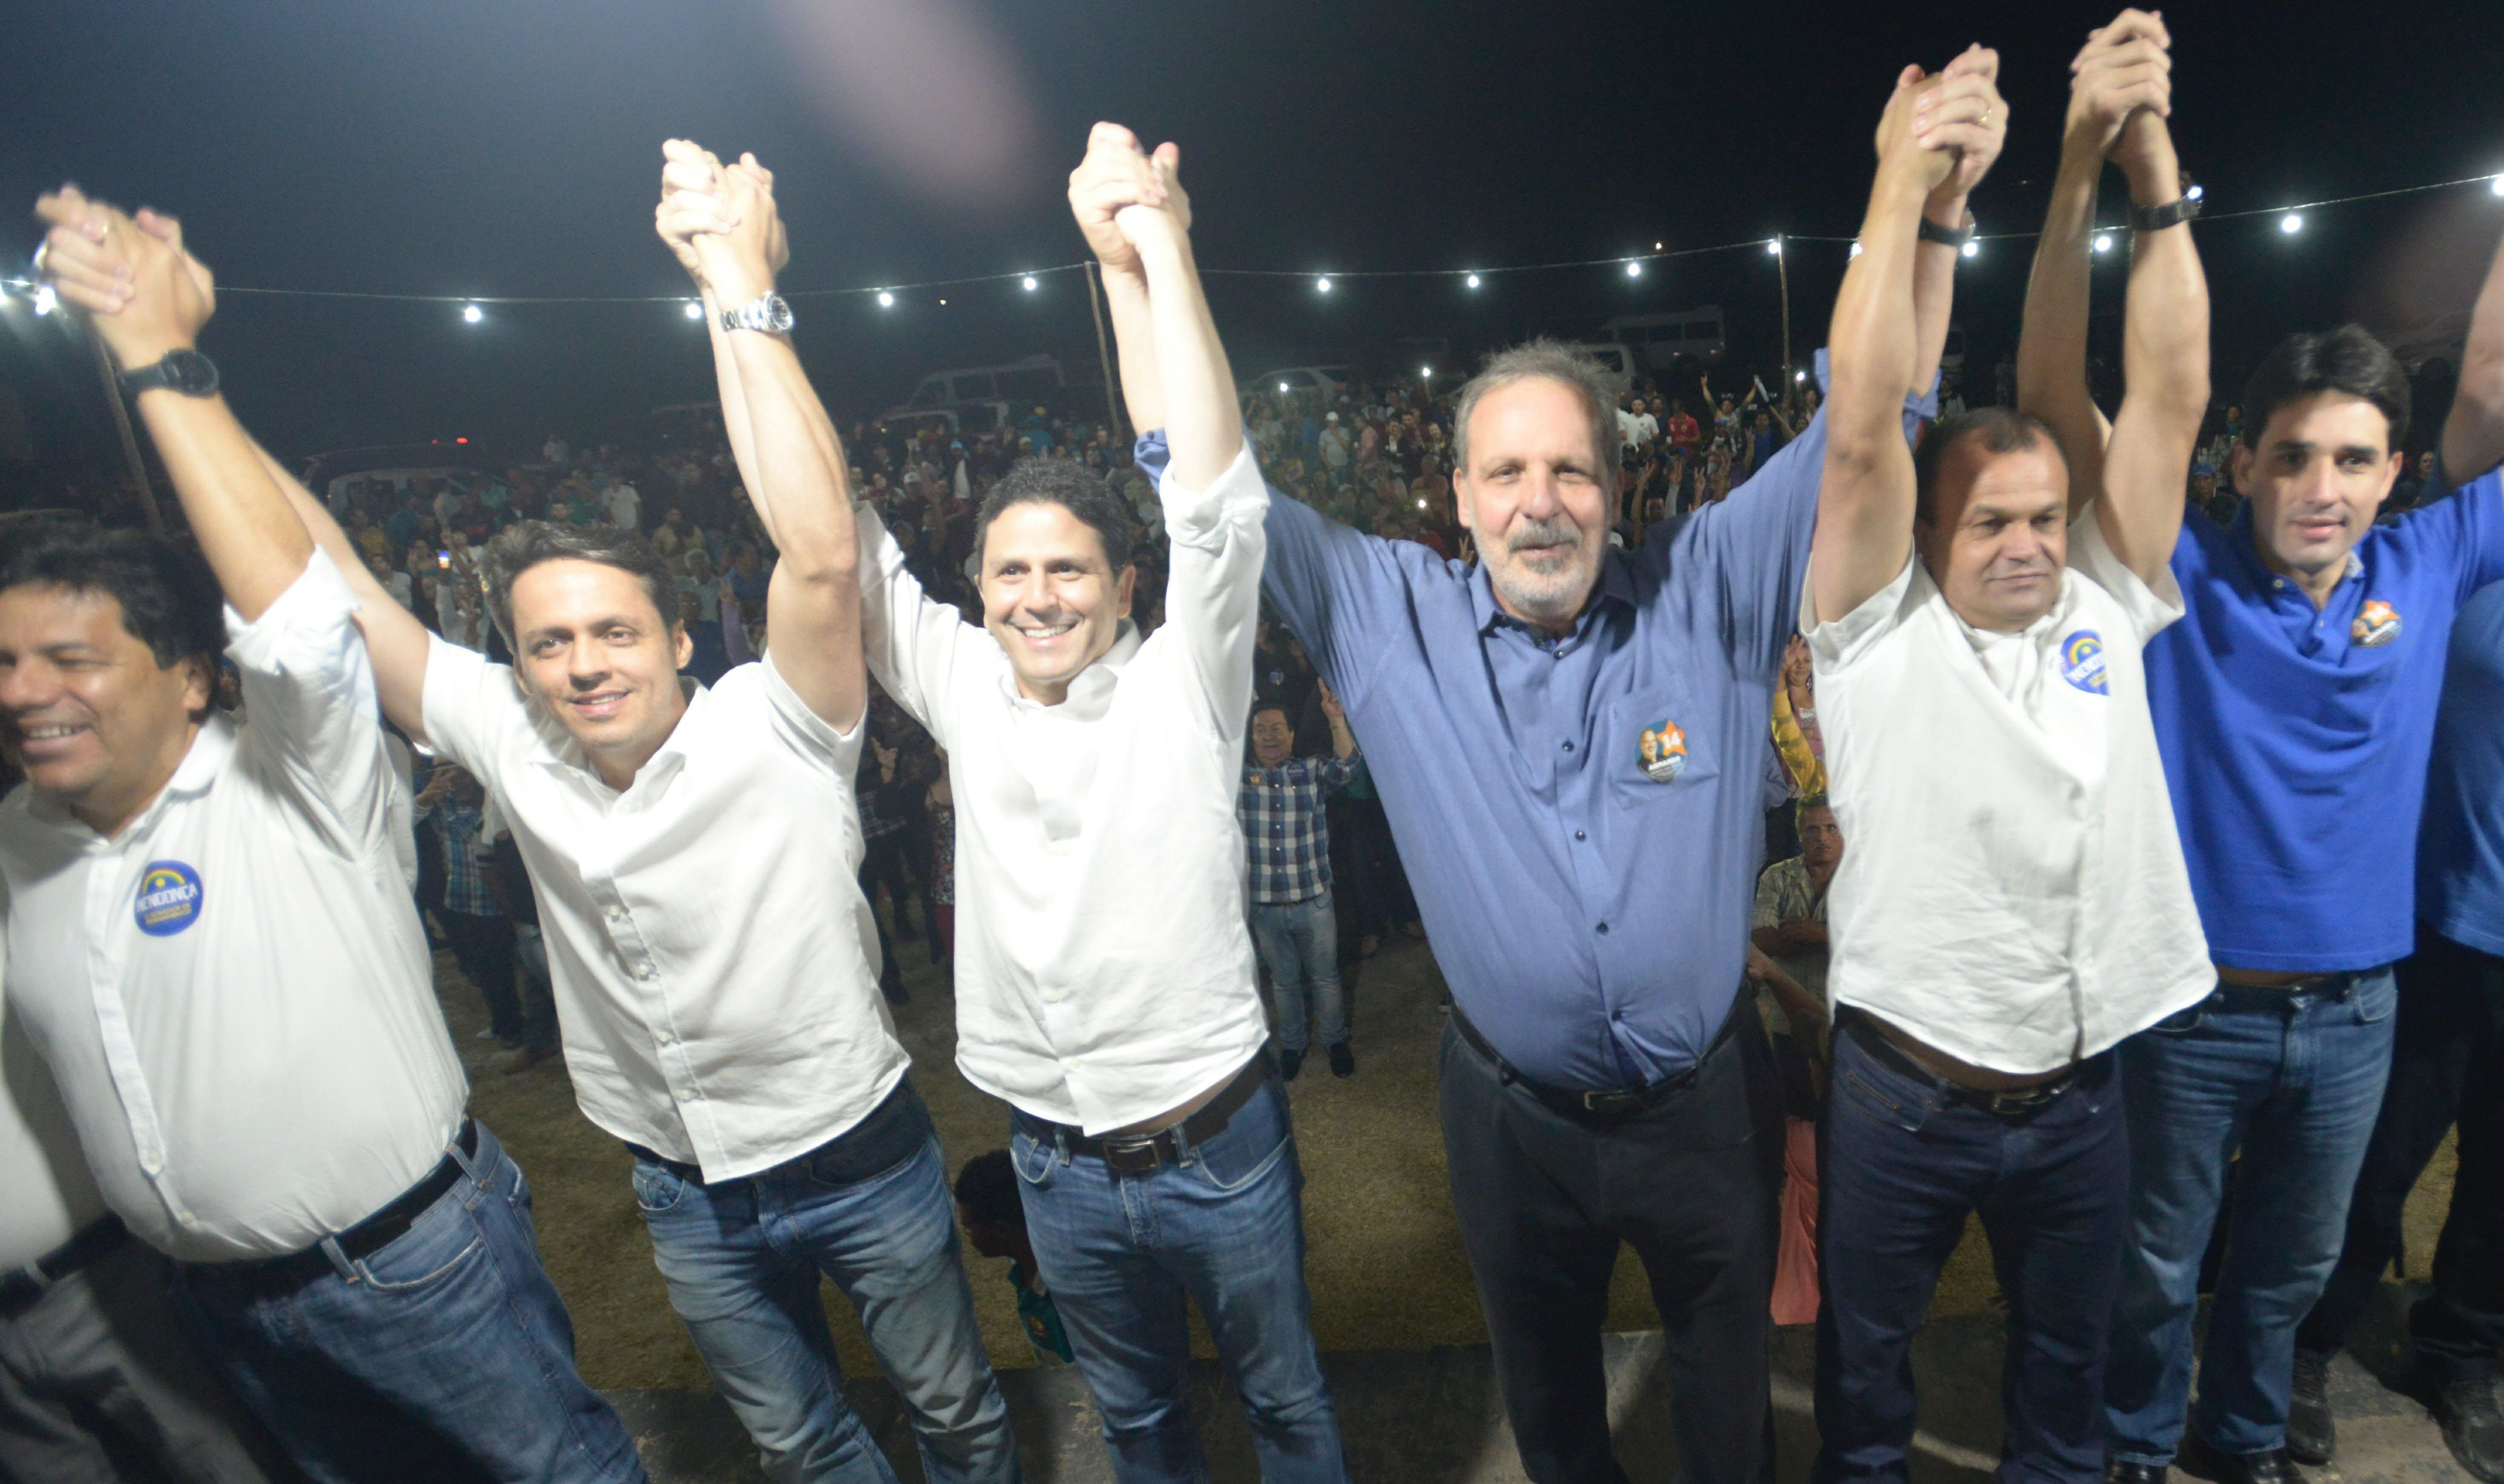 Foto: Leo Caldas / Divulgação